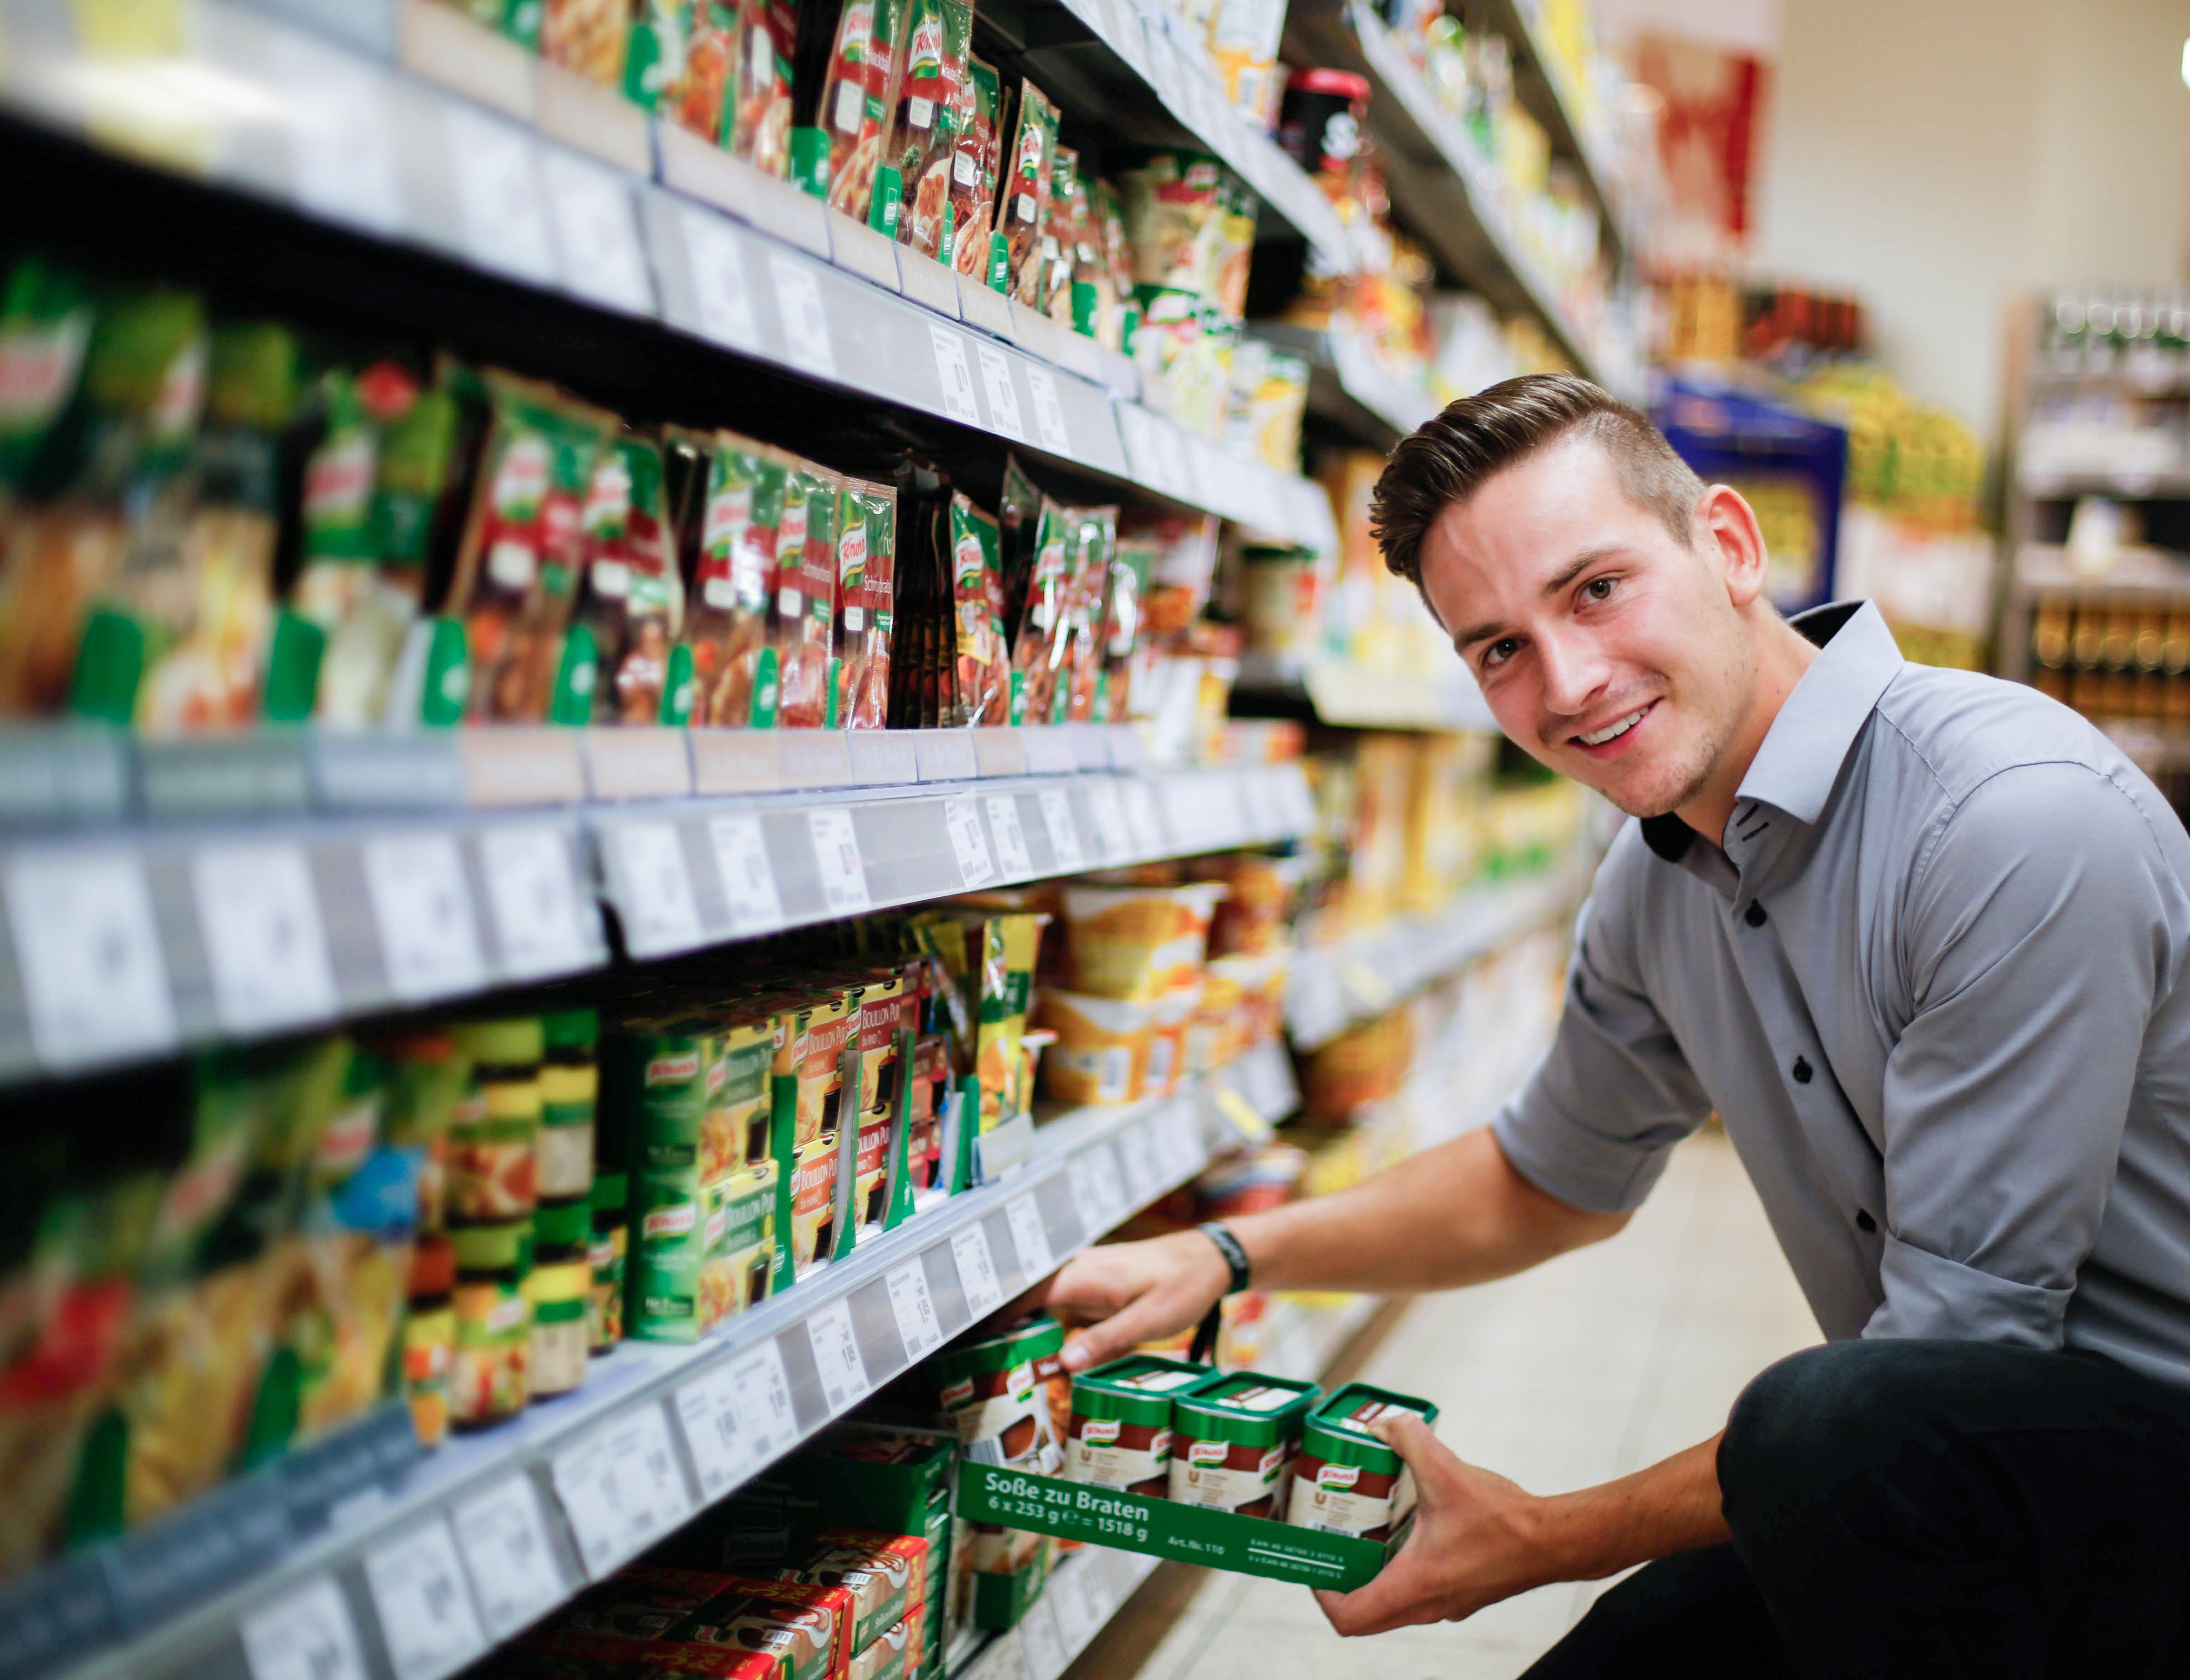 Warenverräumung im Supermarkt